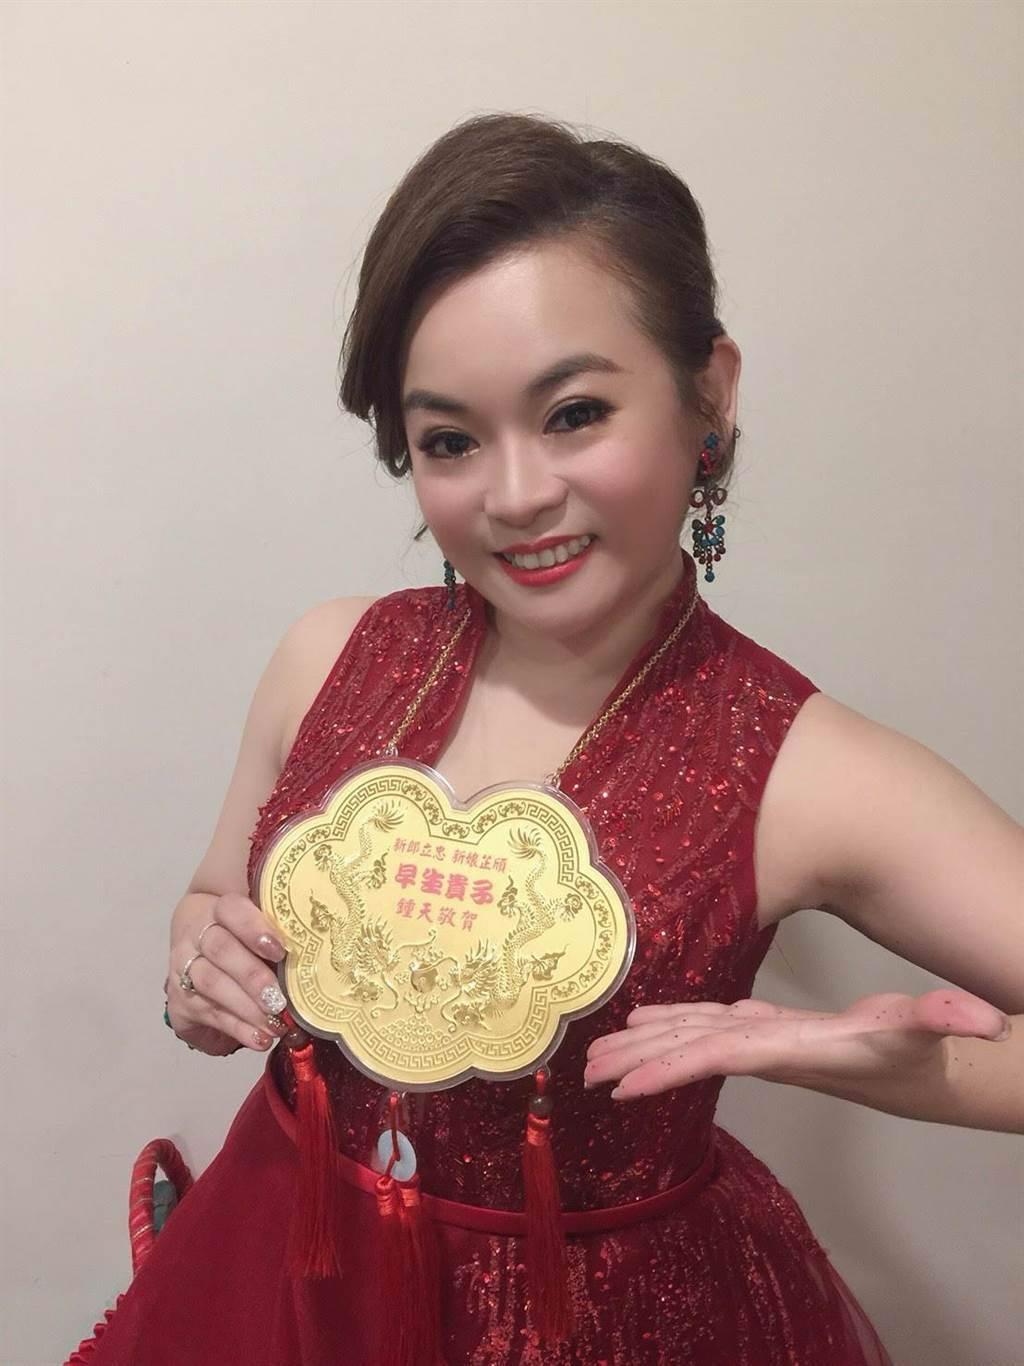 徐紫淇結婚喜獲好友送的金牌。(萬鴻提供)